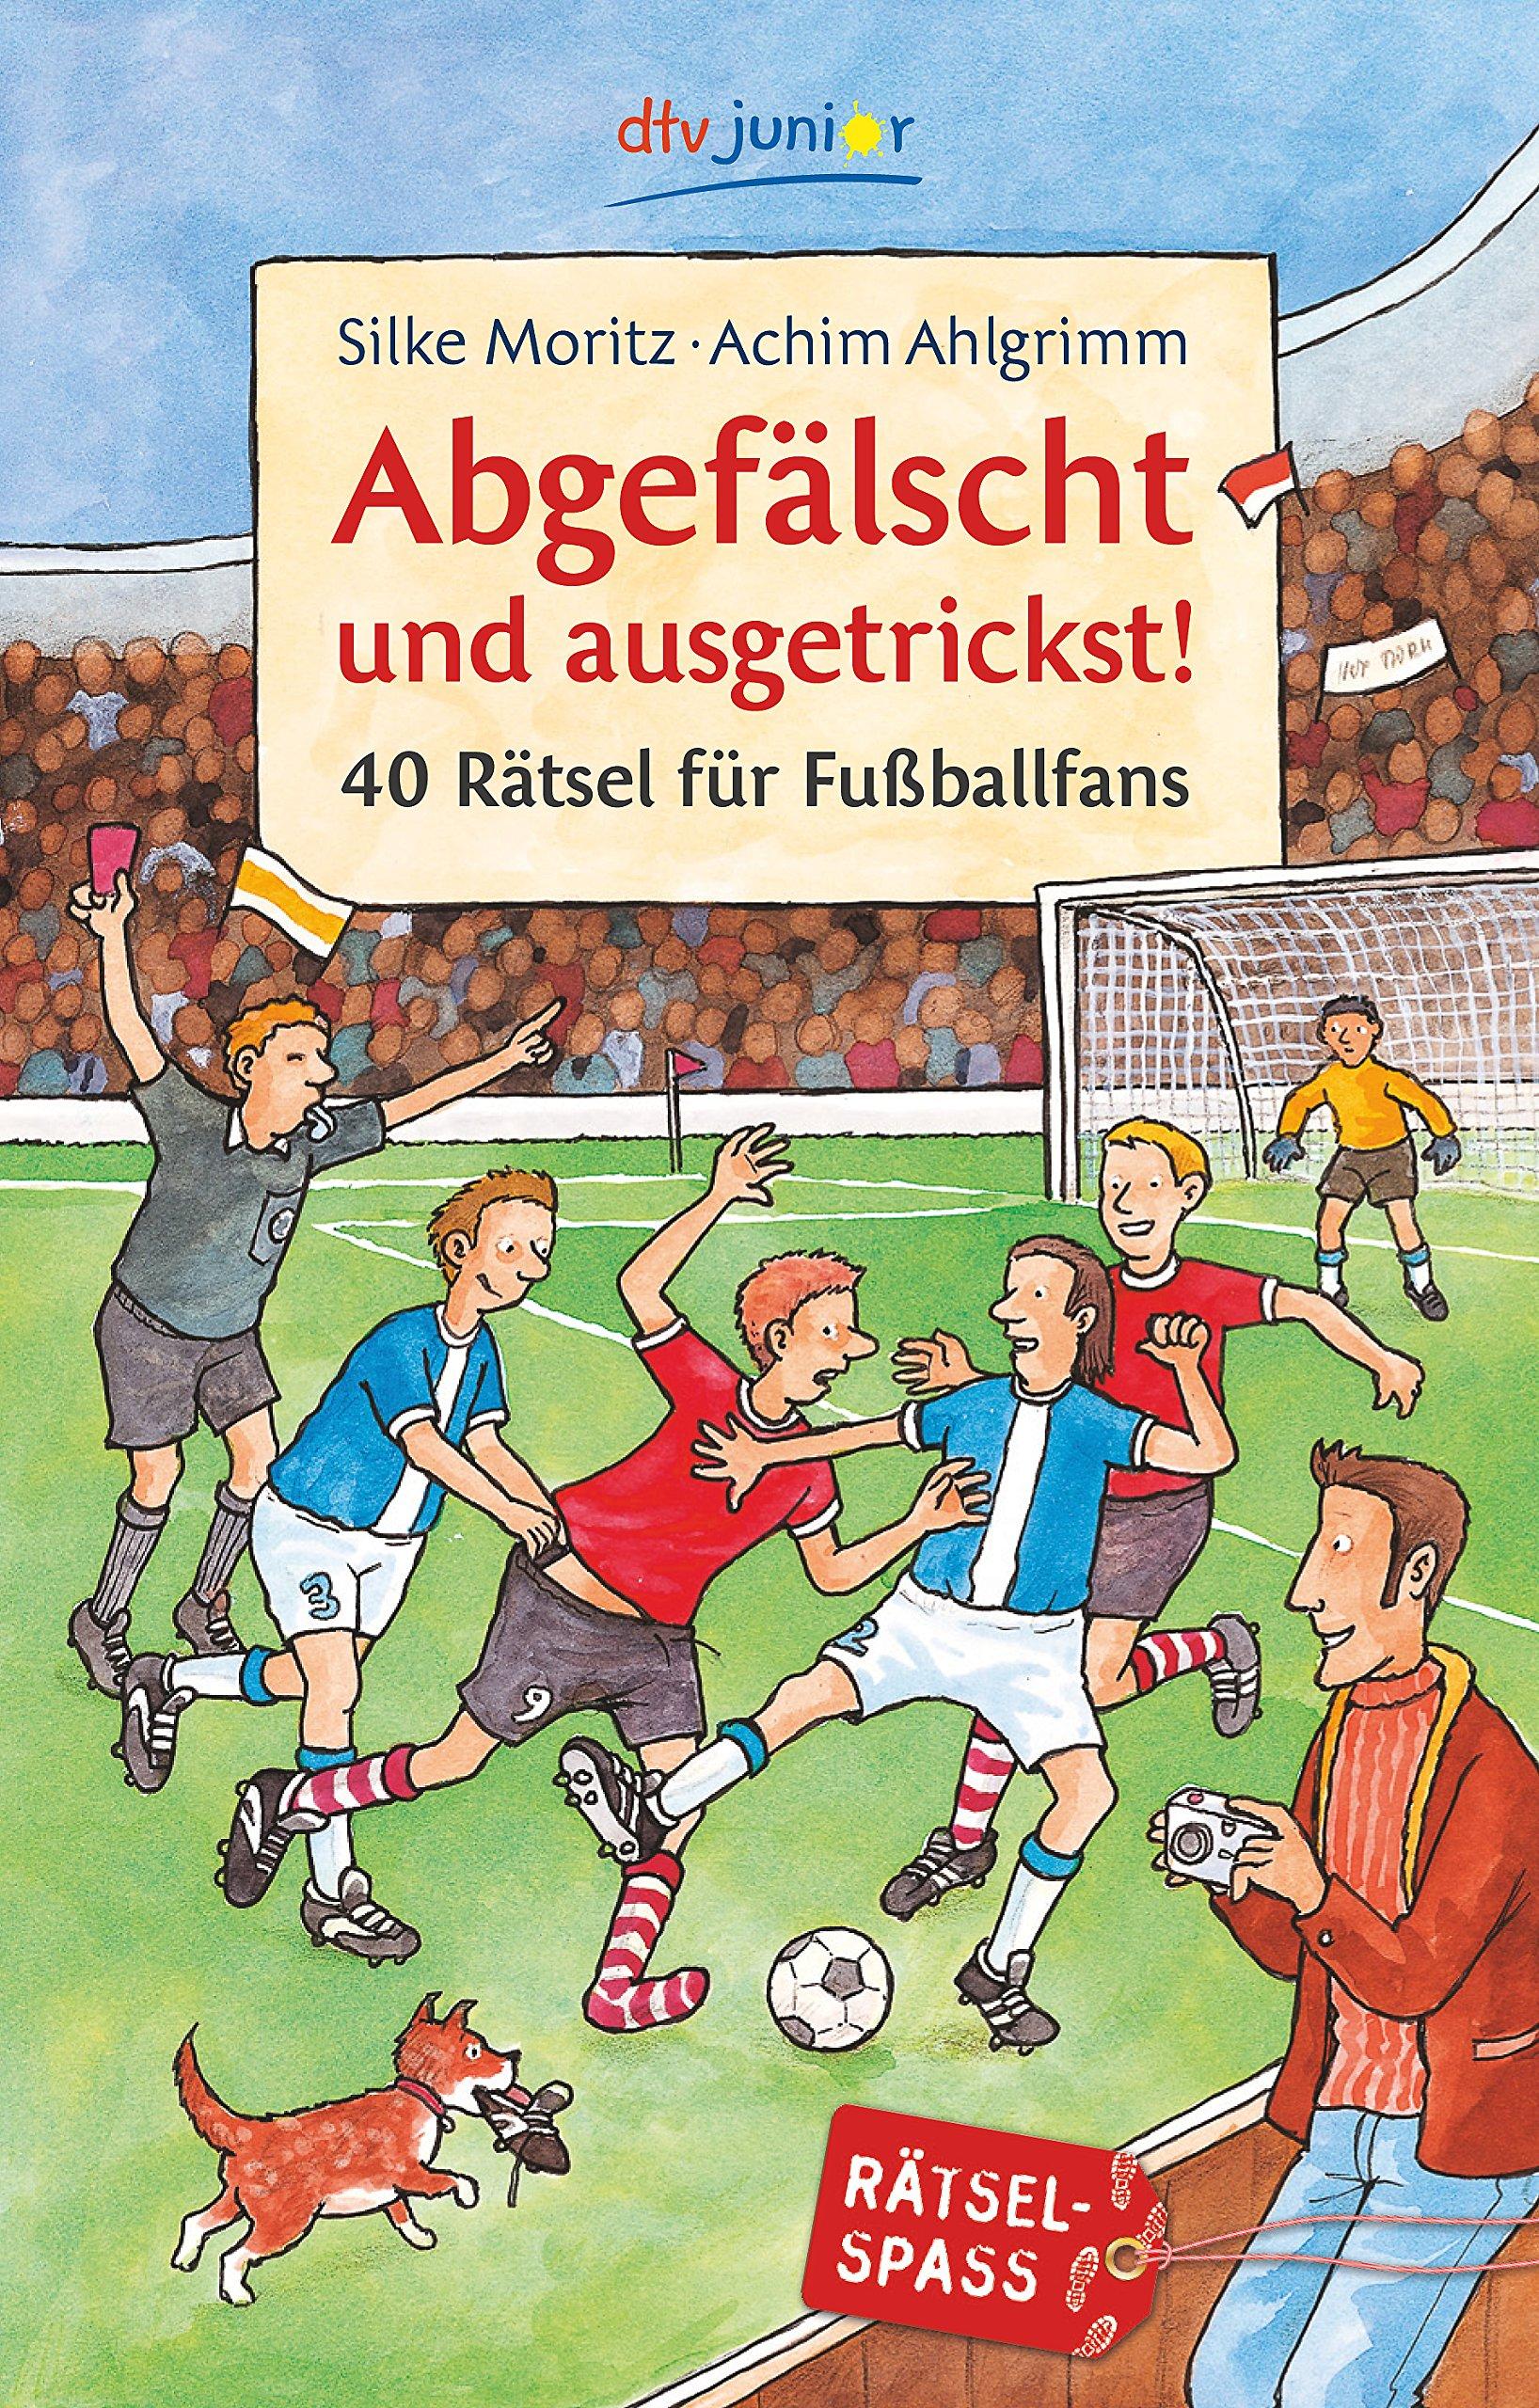 Abgefälscht und ausgetrickst!: 40 Rätsel für Fußballfans (dtv junior)